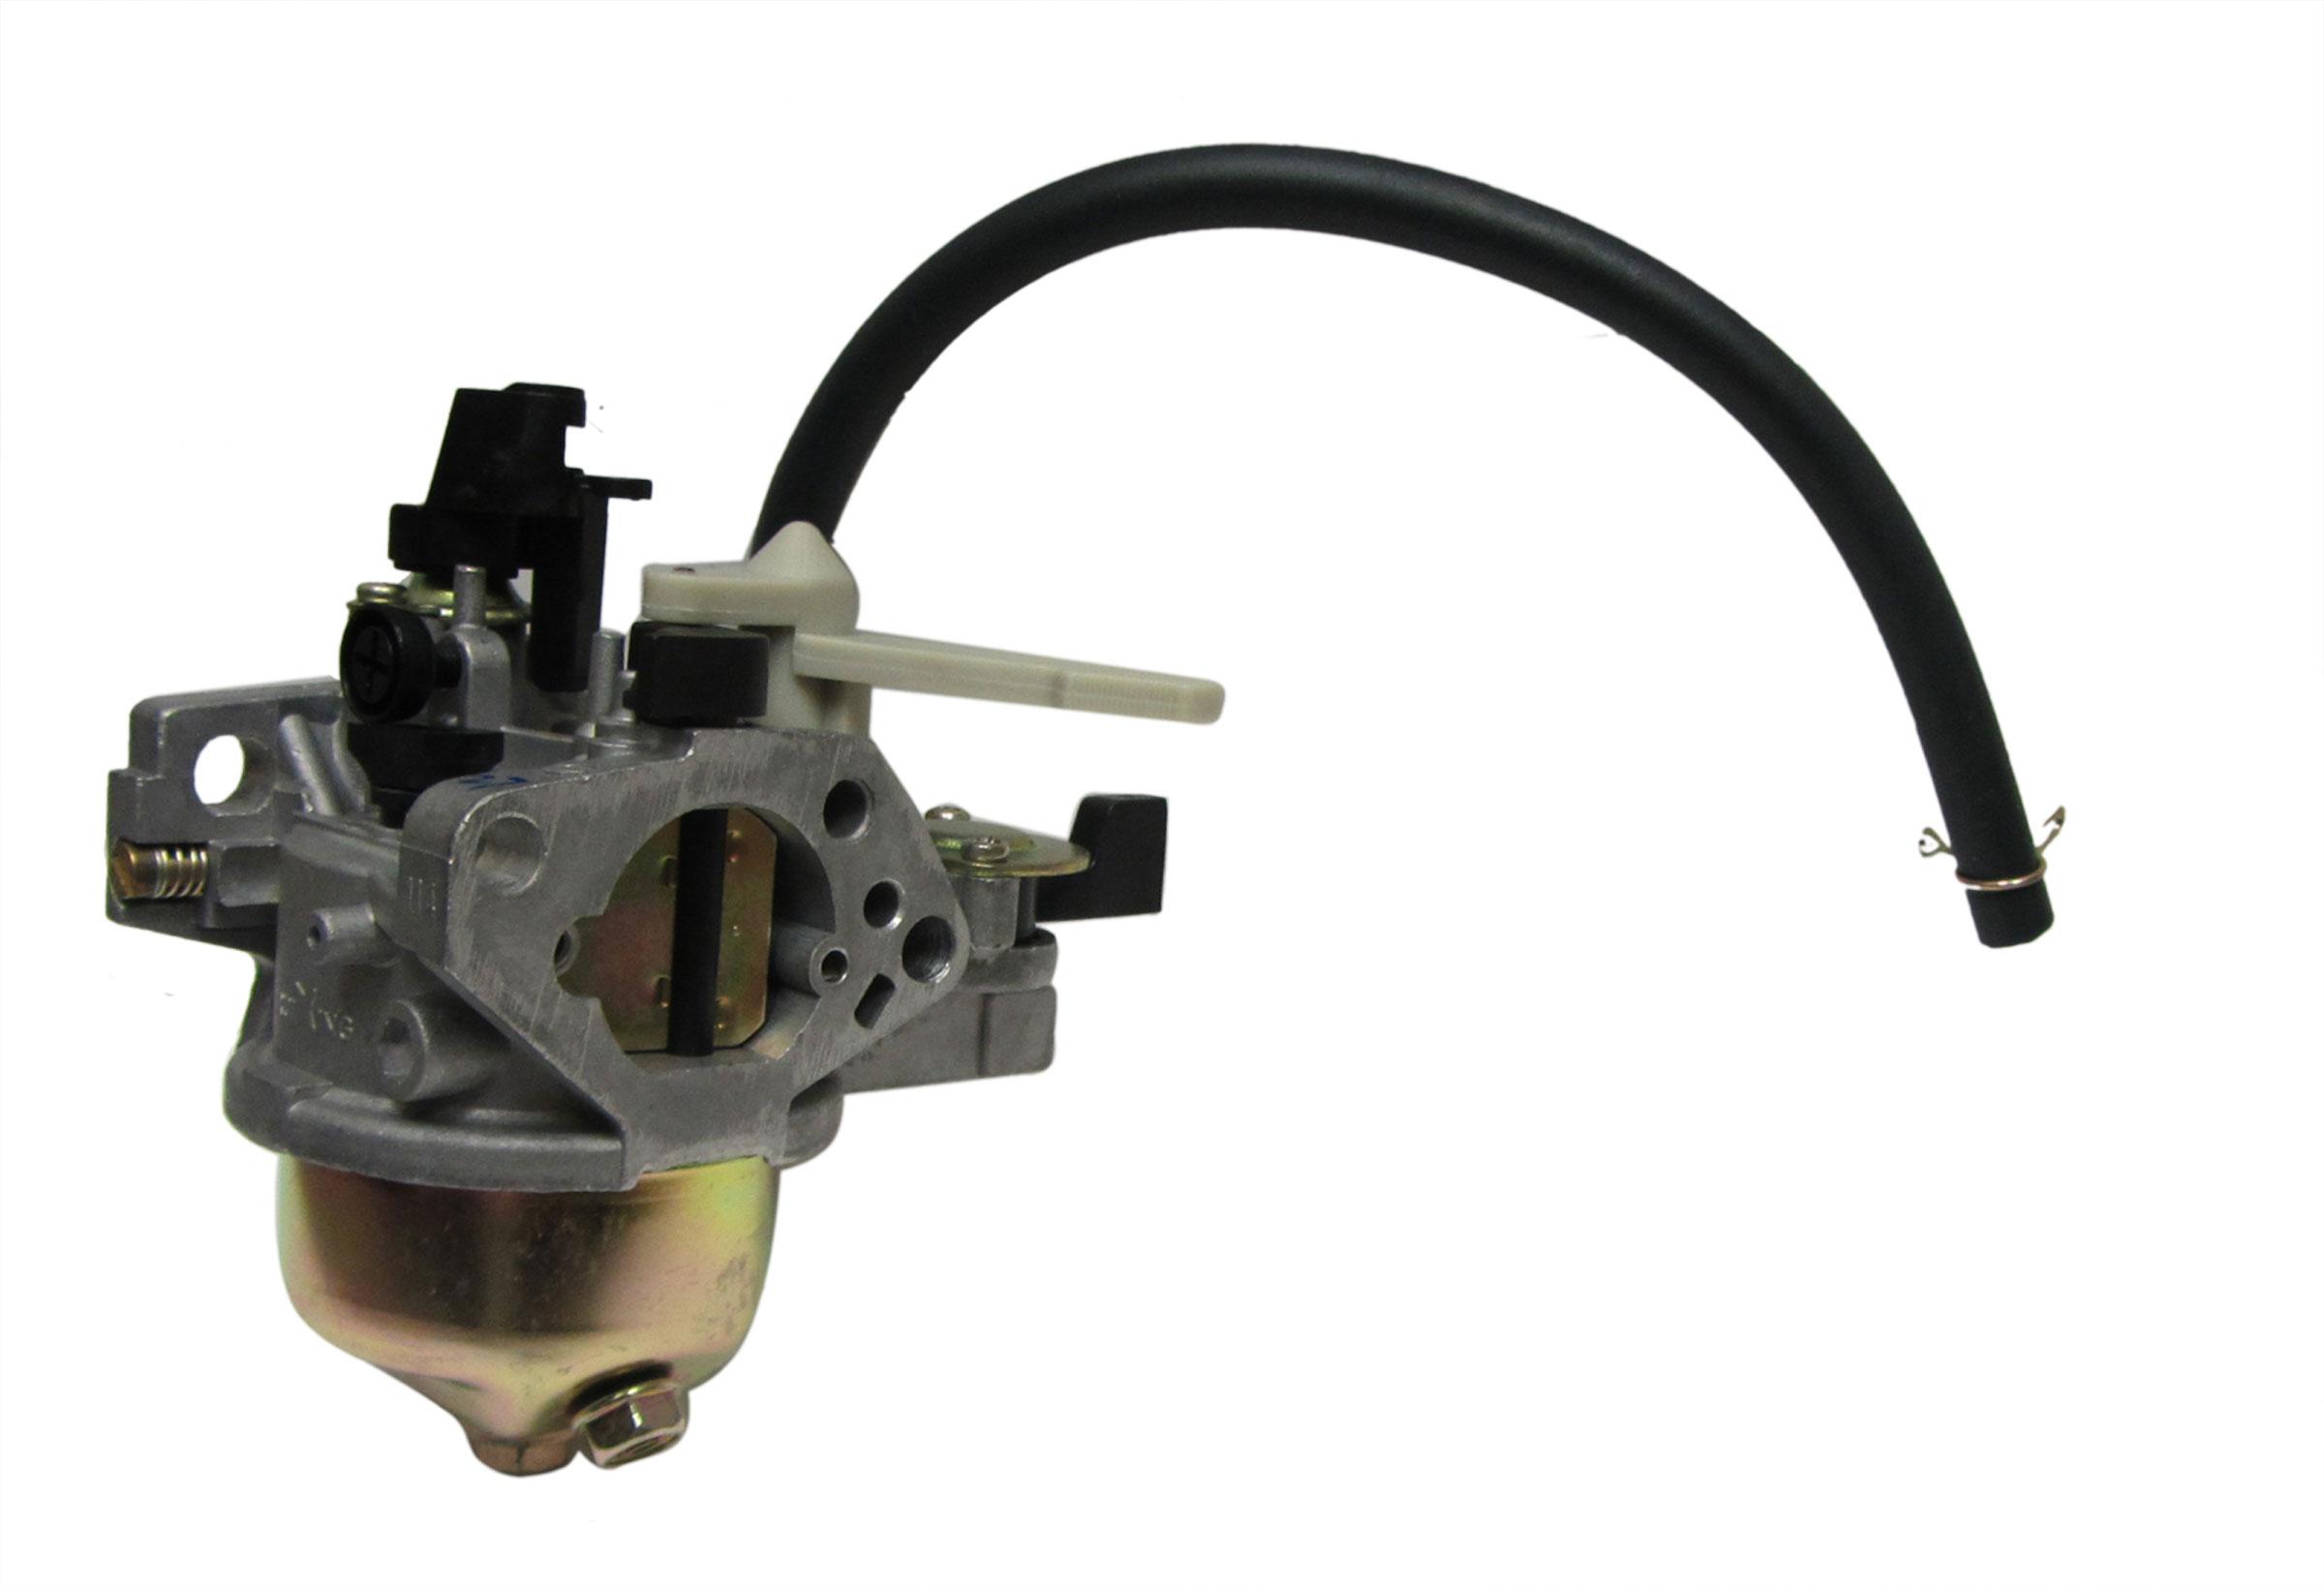 Honda Gx390 13 Hp Engine Honda Gx340 Engine Parts Diagram Honda Gx390